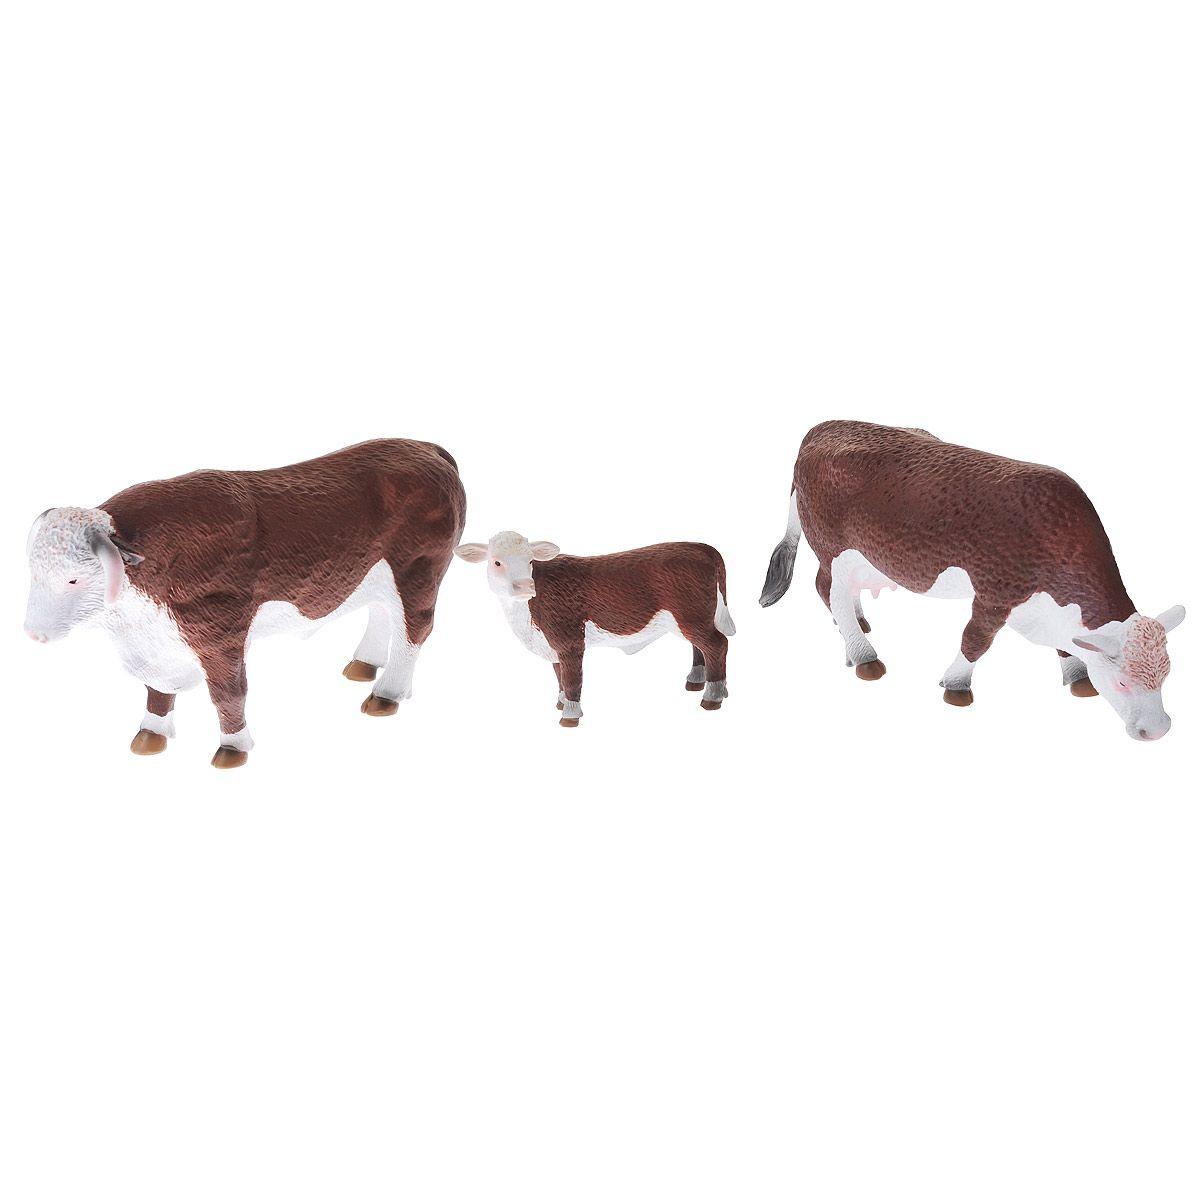 Набор Animal Planet – Герефордские коровы, 3 штуки - Фигурки животных, артикул: 162526